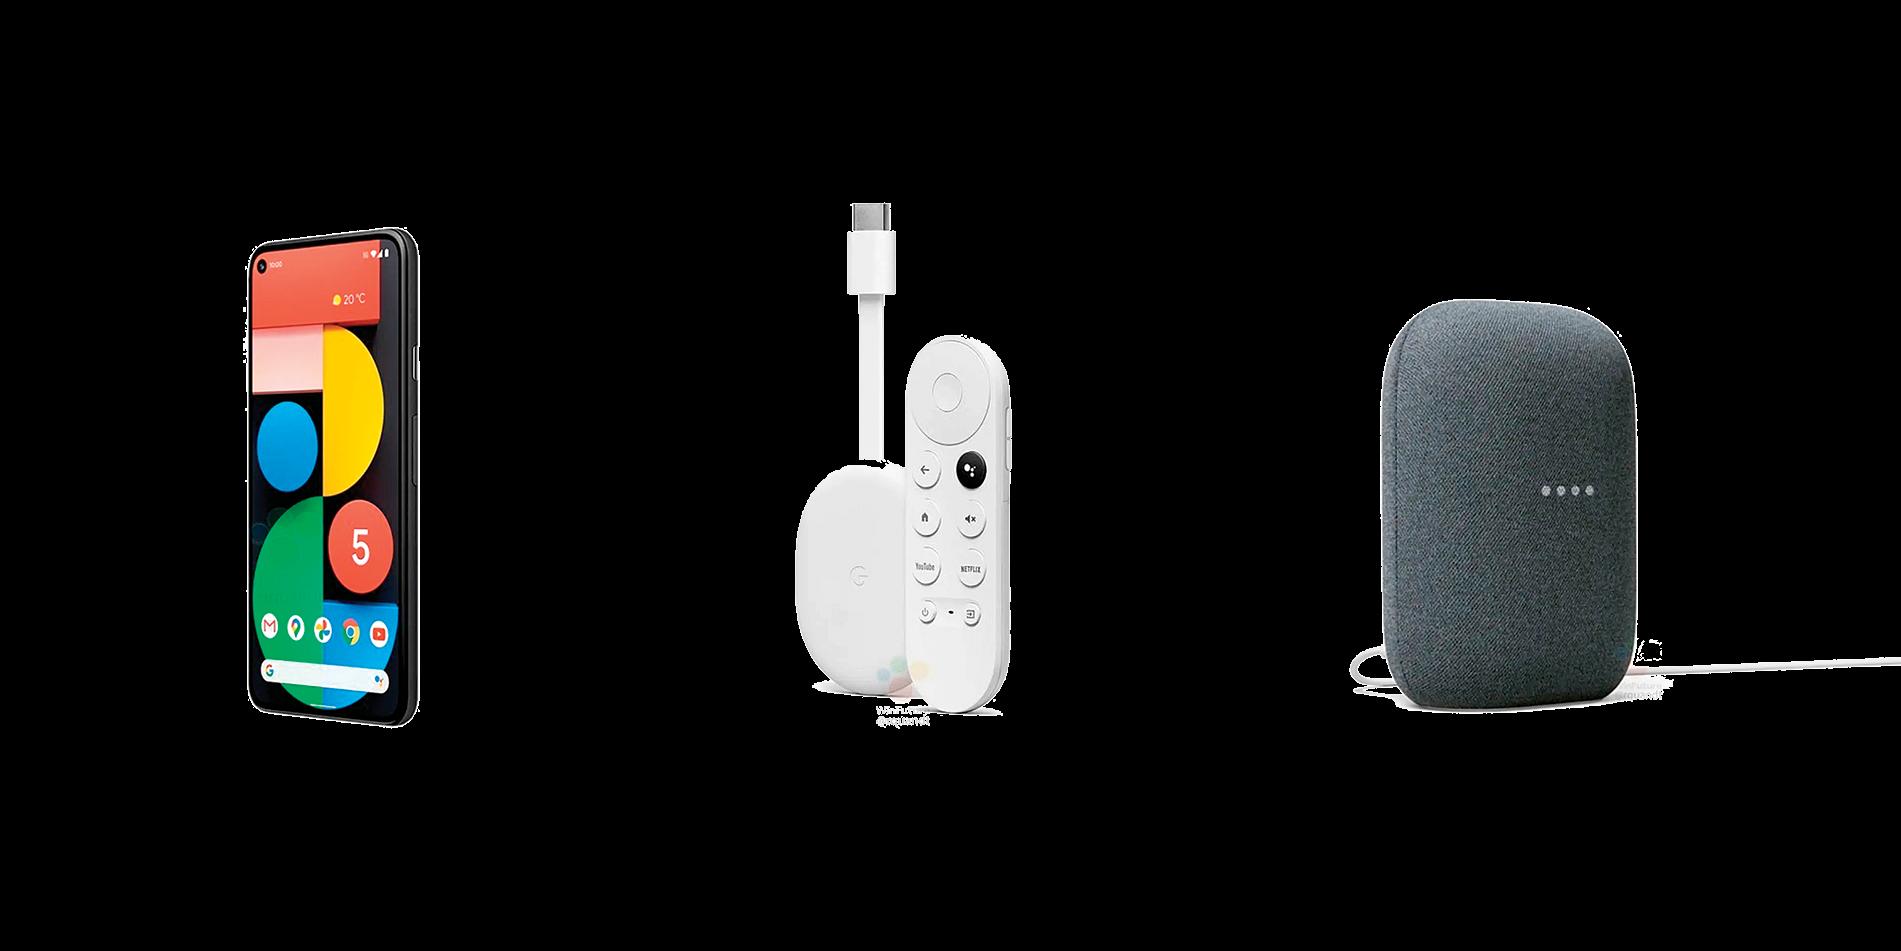 谷歌啟動之夜活動上,將發佈(左起)Pixel 5、流媒體設備Sabrina和新款Nest智能音箱。( WinFuture.de截圖)